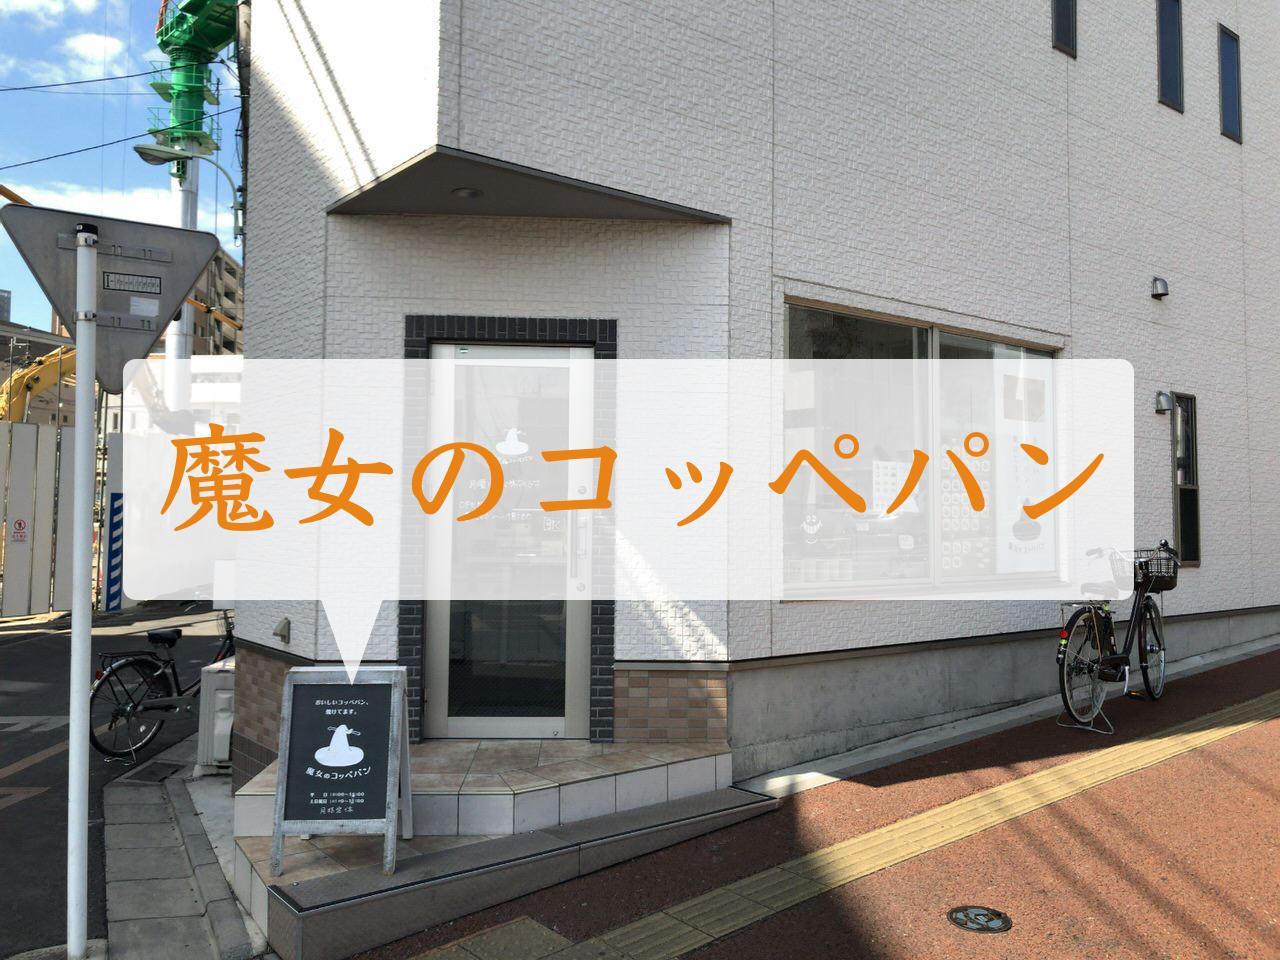 「魔女のコッペパン(浦和)」モヤさまに出演するコッペパン専門店